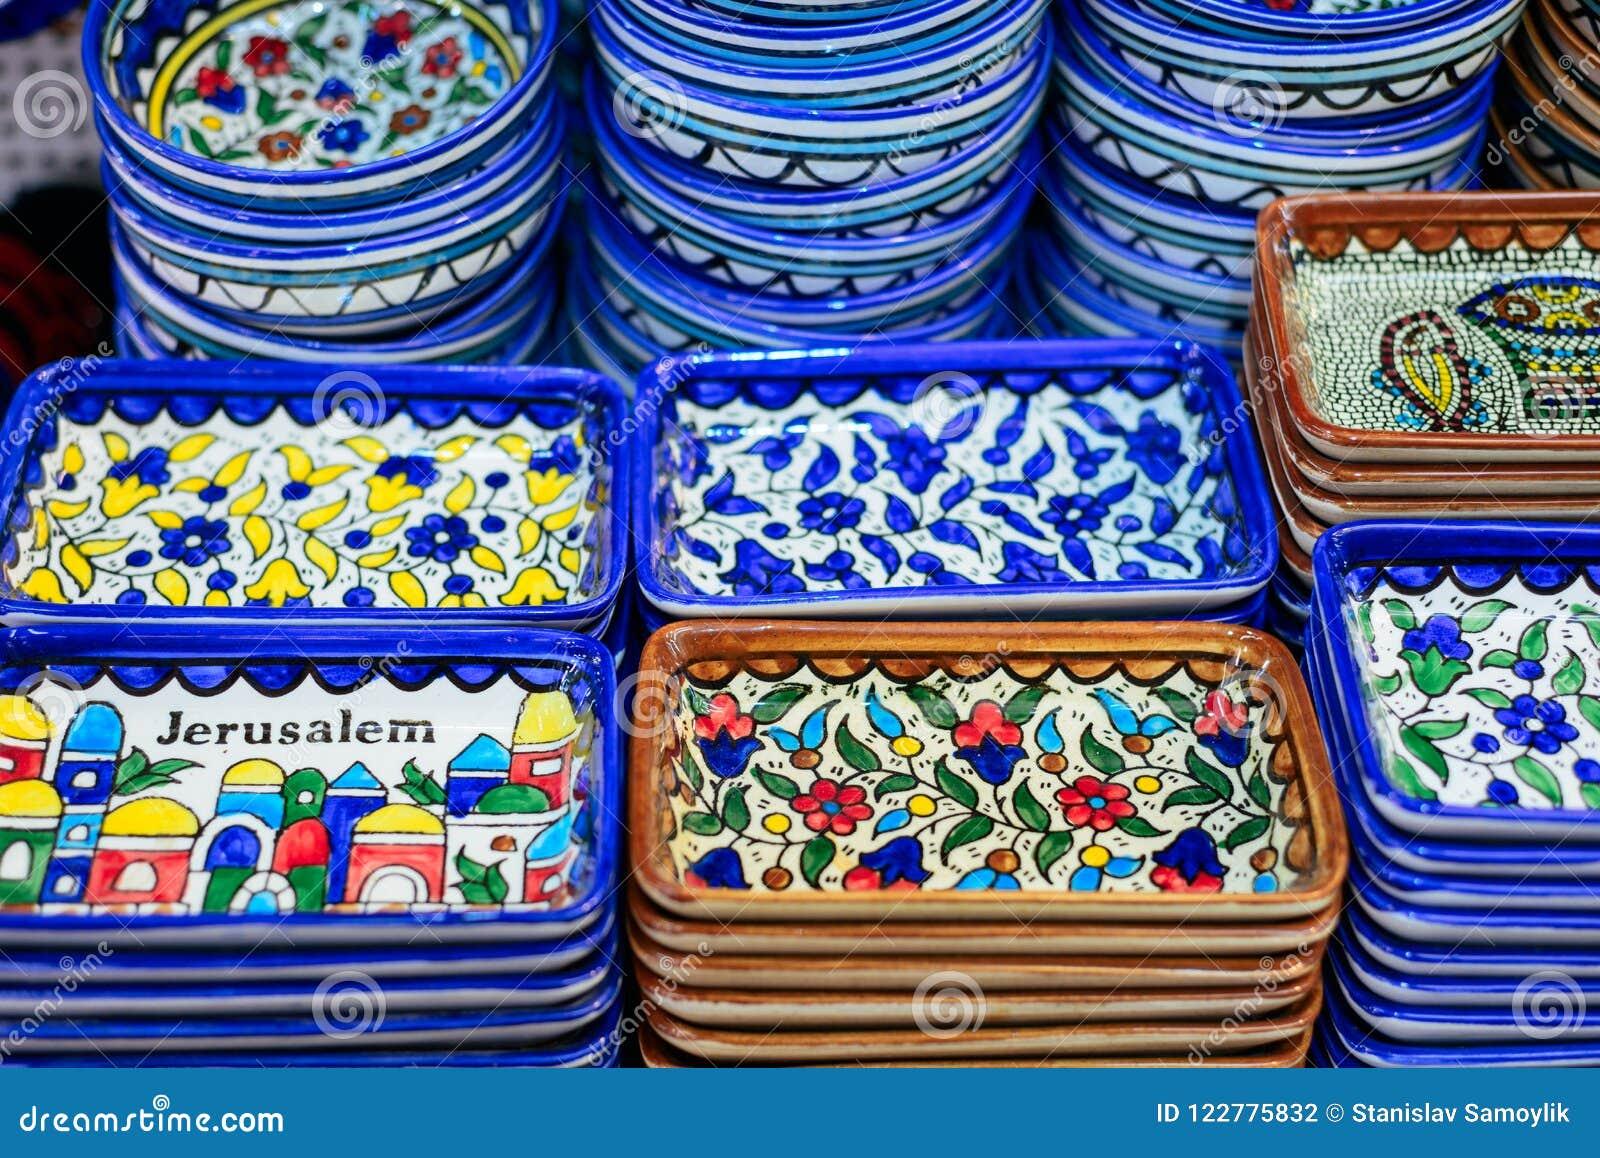 Plats en céramique et d autres souvenirs à vendre sur baazar arabe situé à l intérieur des murs du vieux CIT